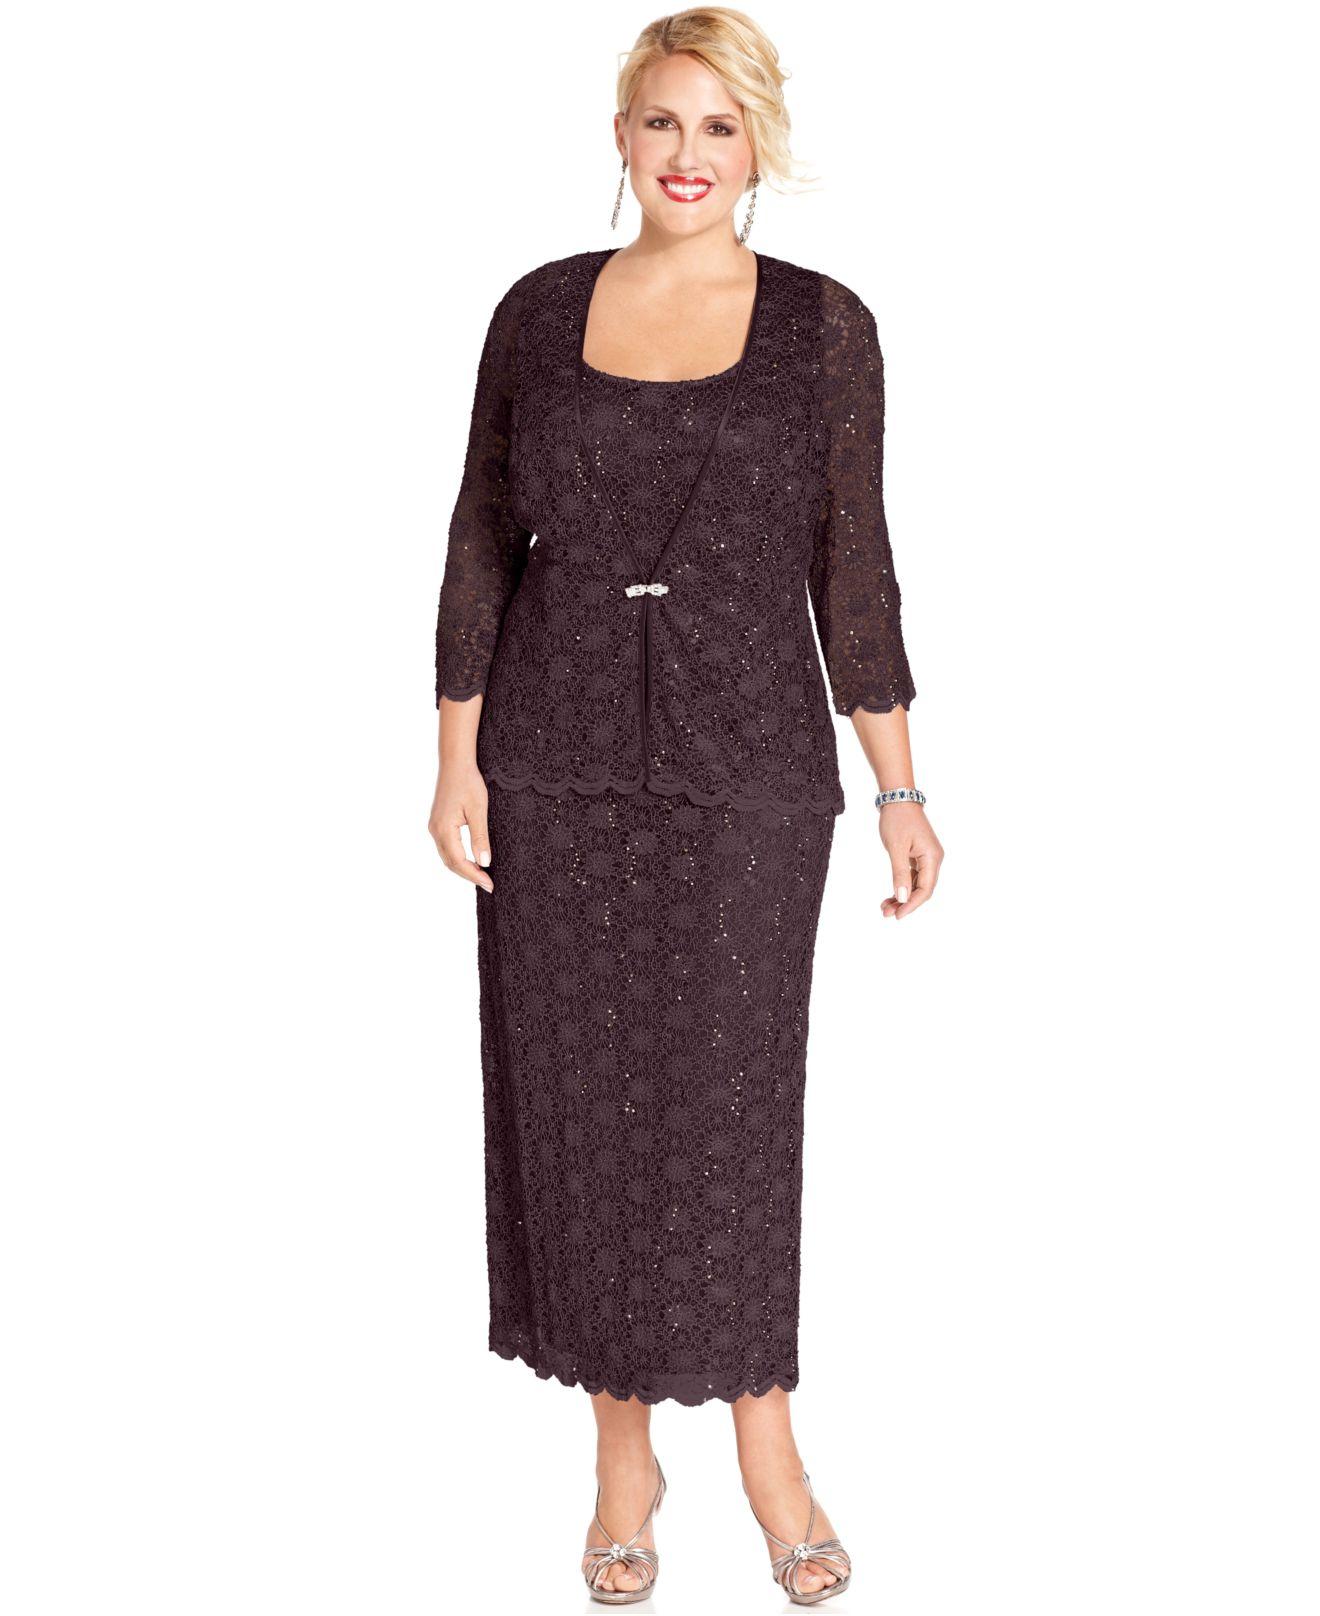 R & M Richards Black Plus Size Dress And Jacket, Sleeveless Sequined Lace  Sheath